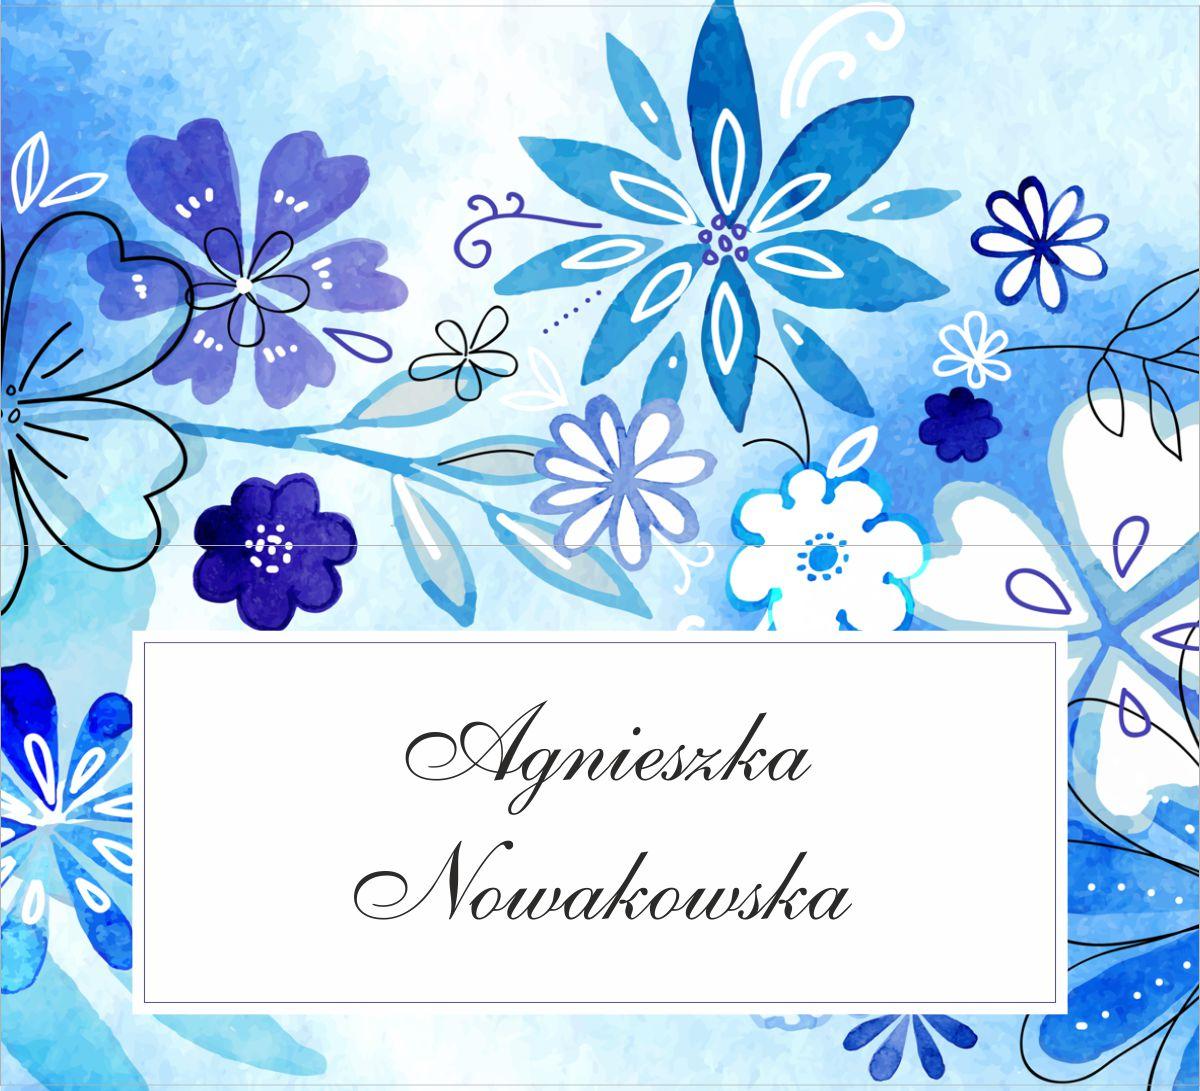 tanie winietki ślubne niebieskie kwiaty